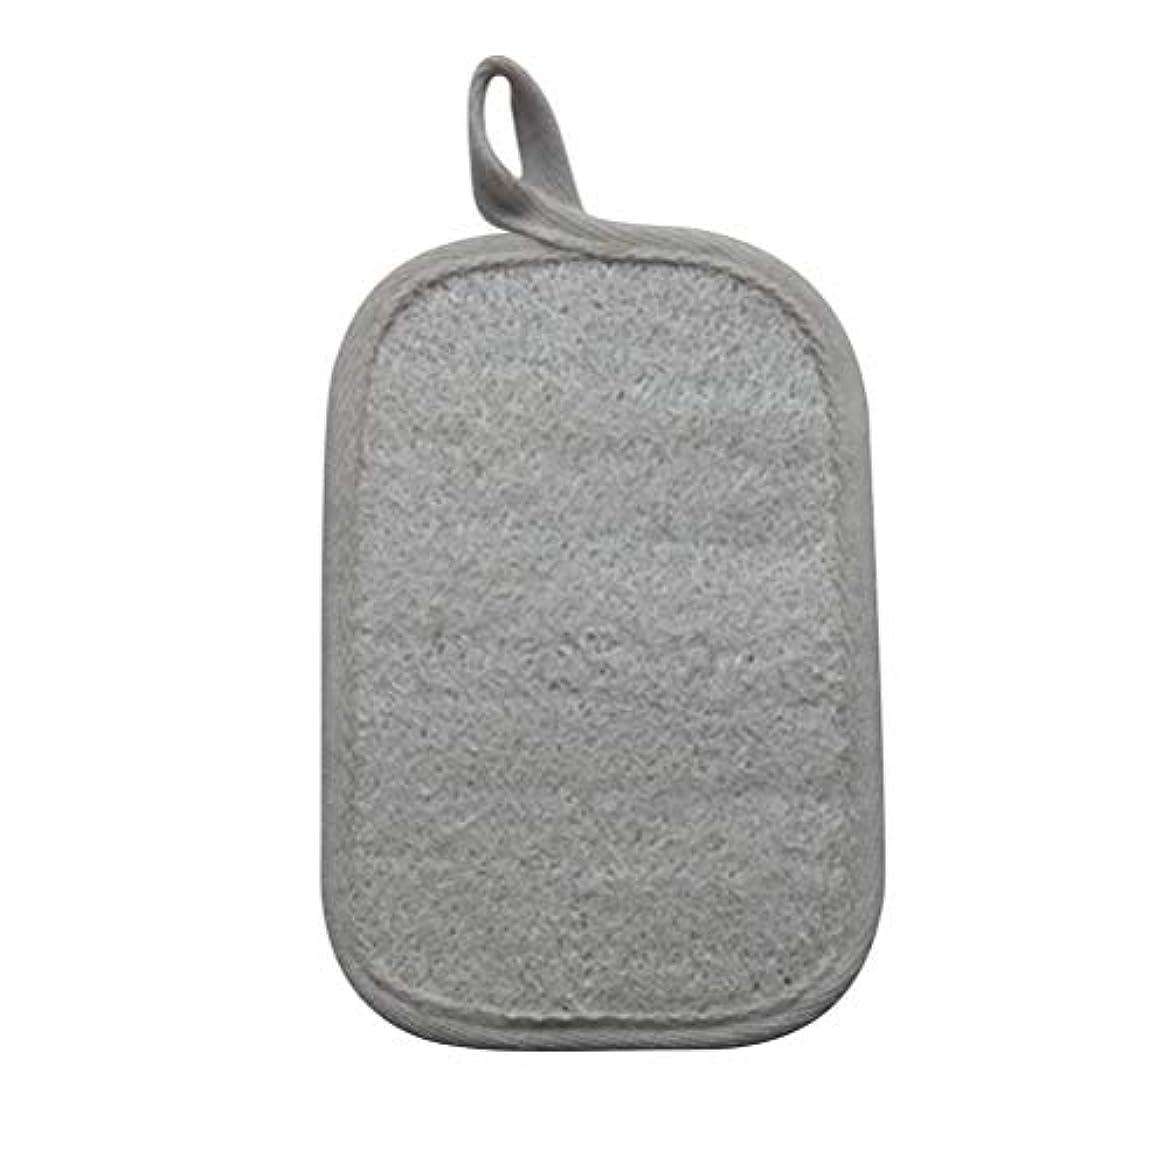 しつけ病気ののスコアHEALIFTY シャワーのための自然なLoofahのスポンジパッドの風呂の剥離Loofahのスポンジのスクラバー